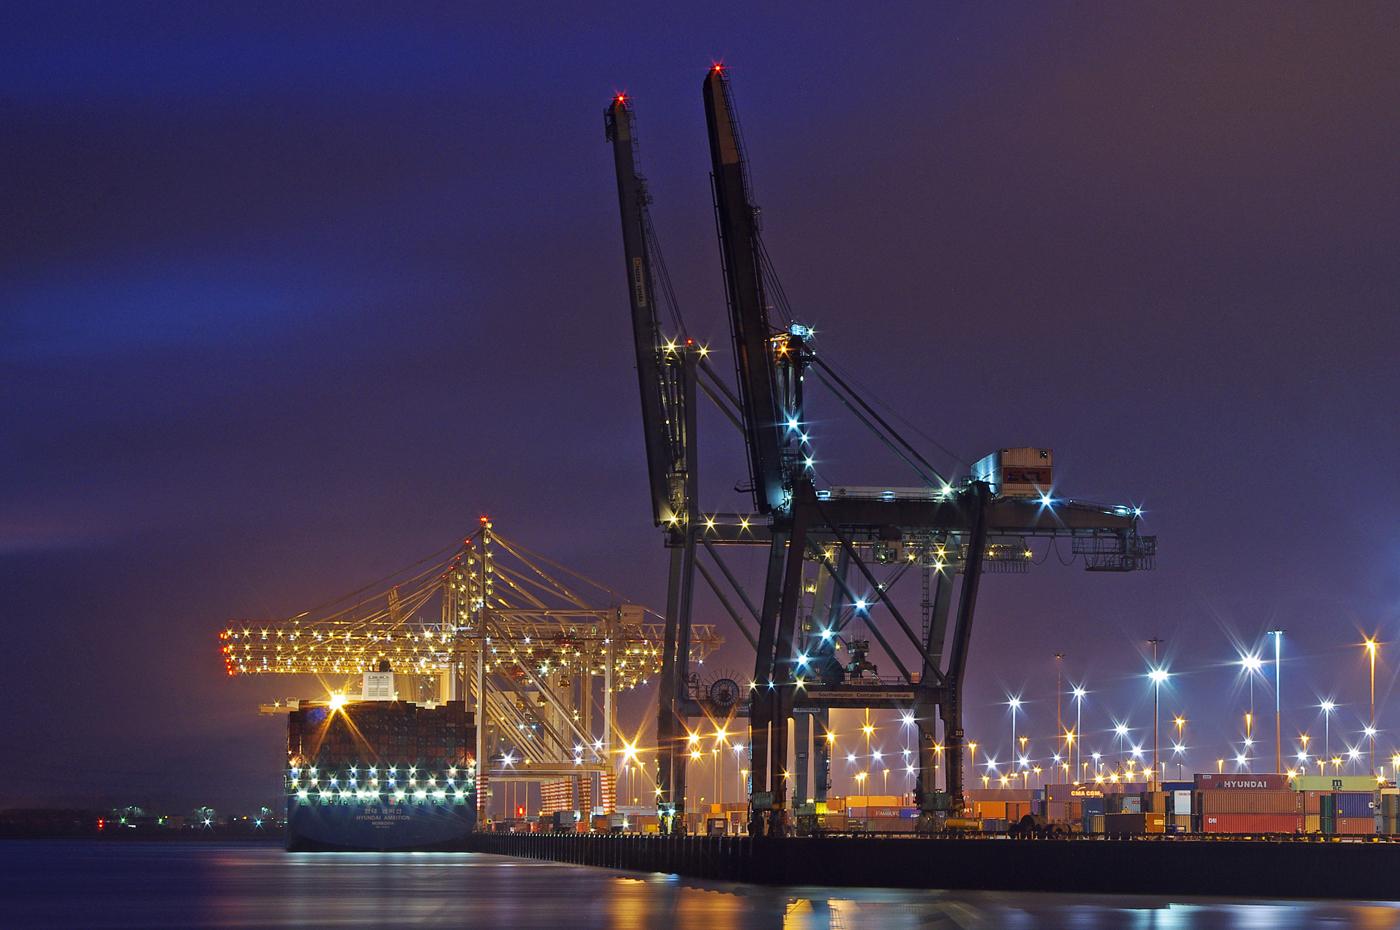 'Southampton Docks' by Richard Ramsey